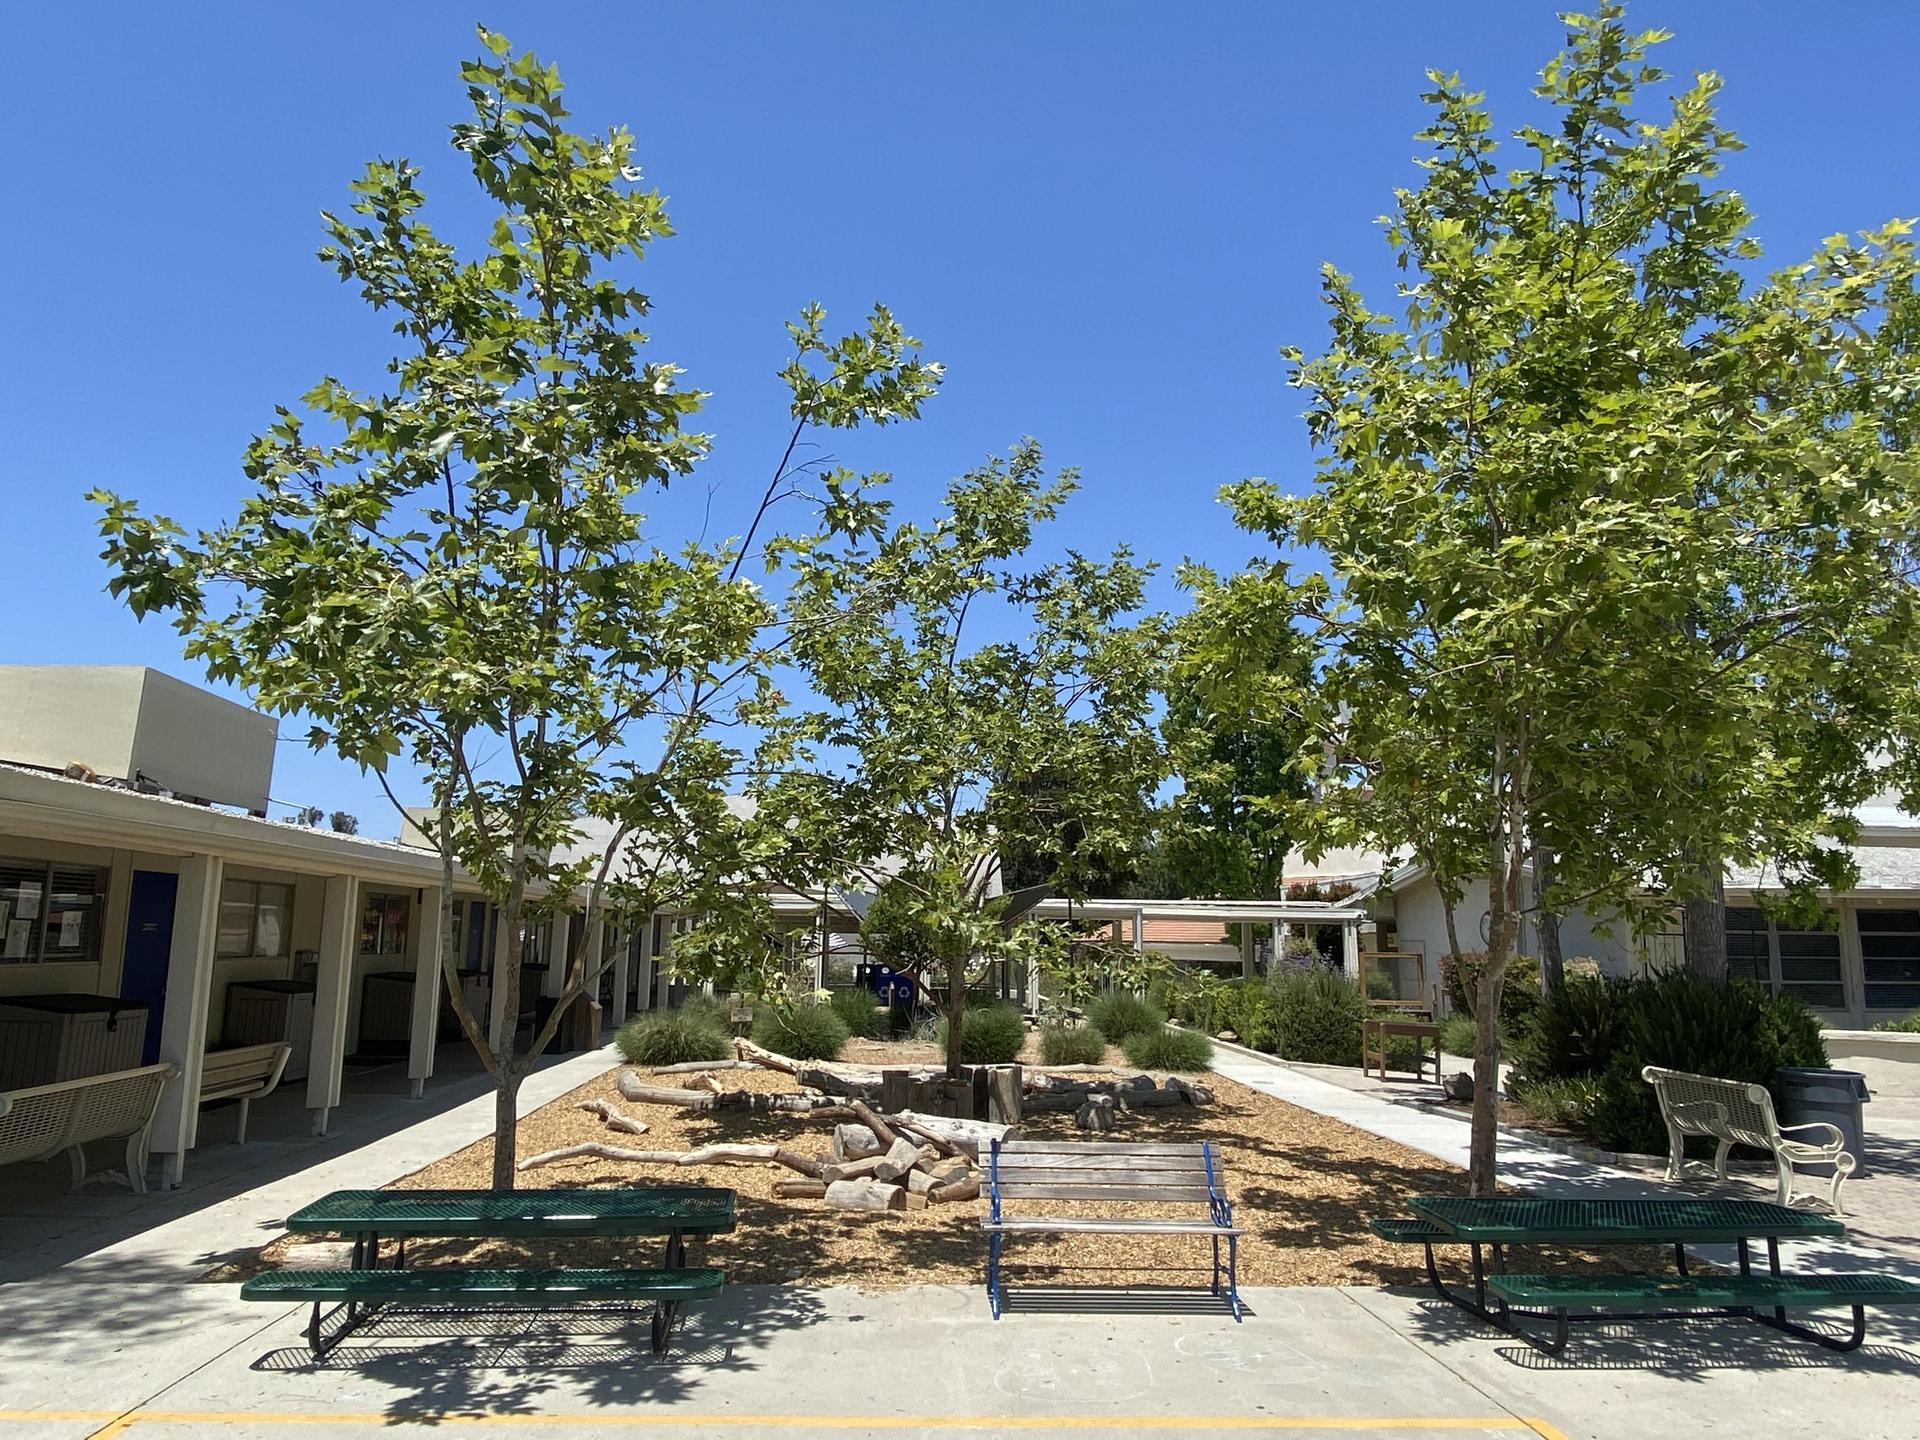 Certified Outdoor Classroom